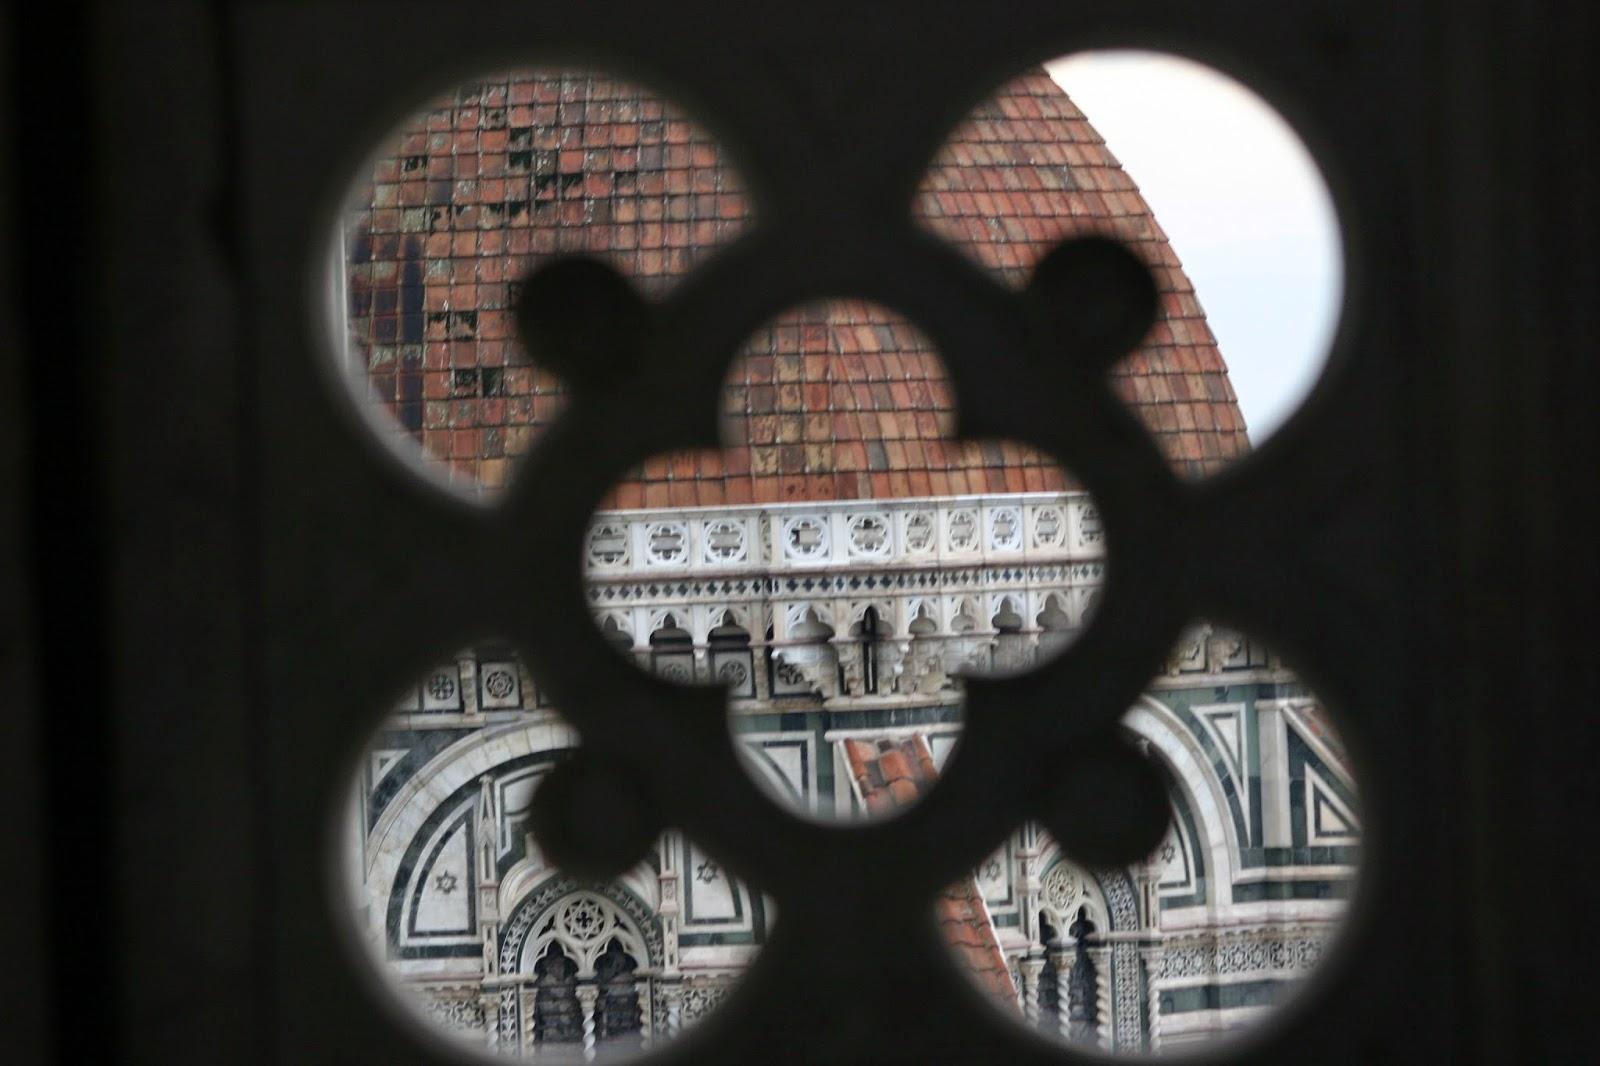 Viaggi Con Ricordi: FIRENZE: Il Giglio, Il Fiore E Altri